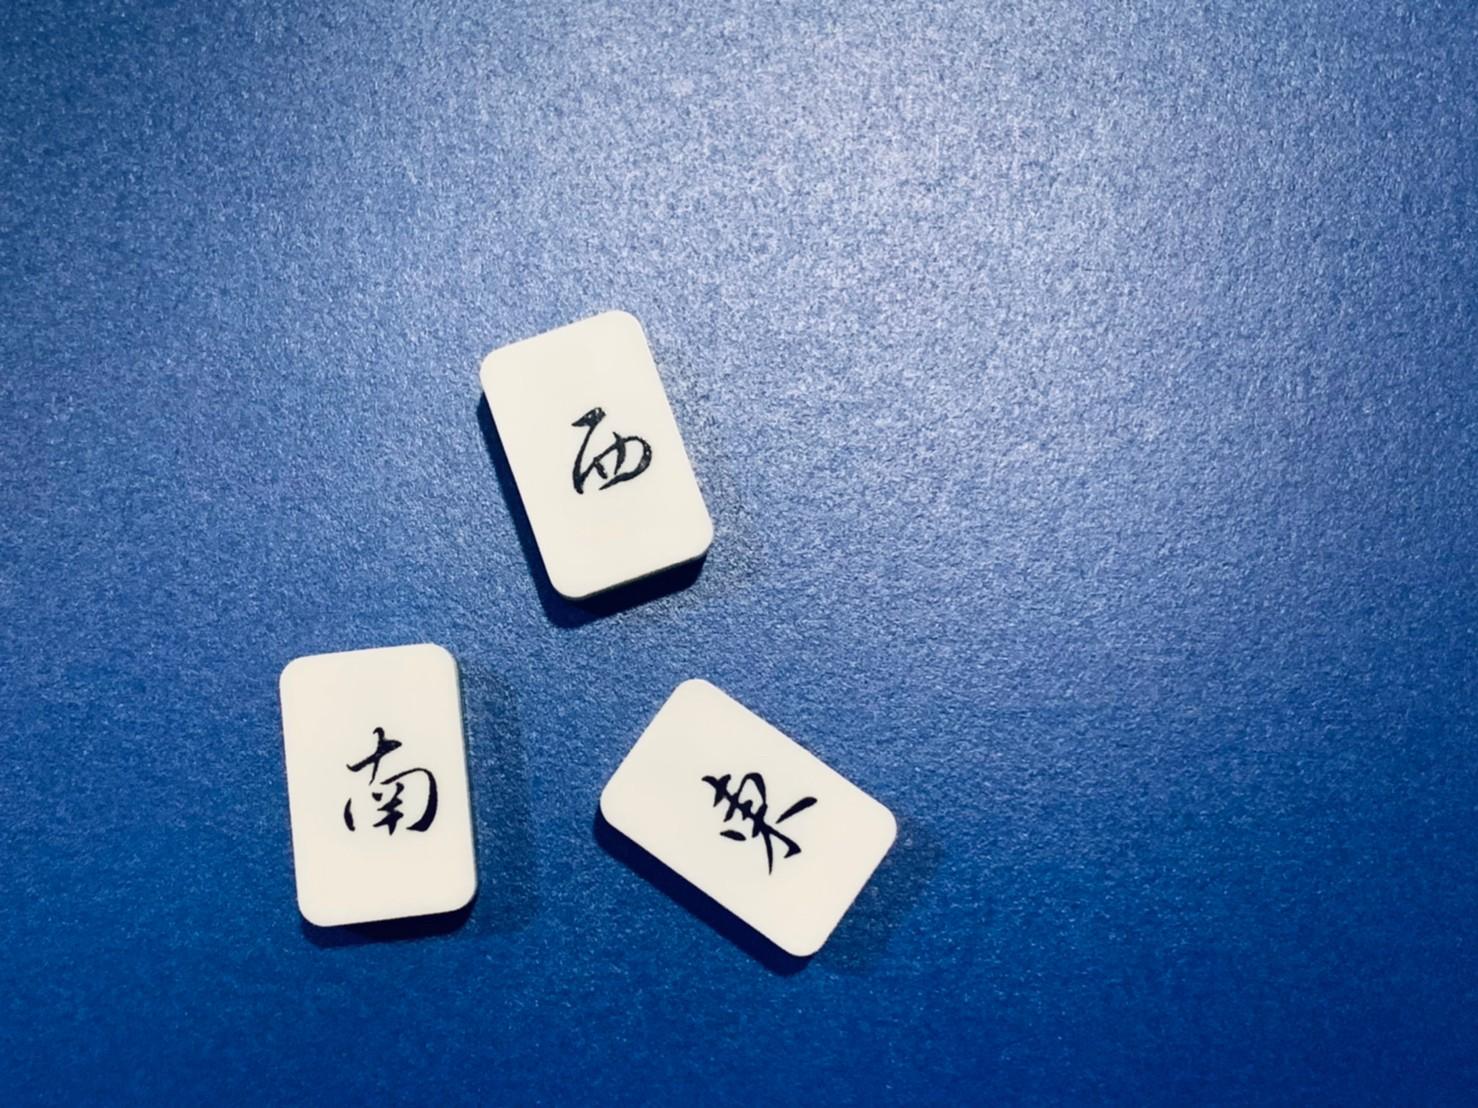 三人麻將怎麼玩 ?  聽牌、打牌規則是什麼 ?